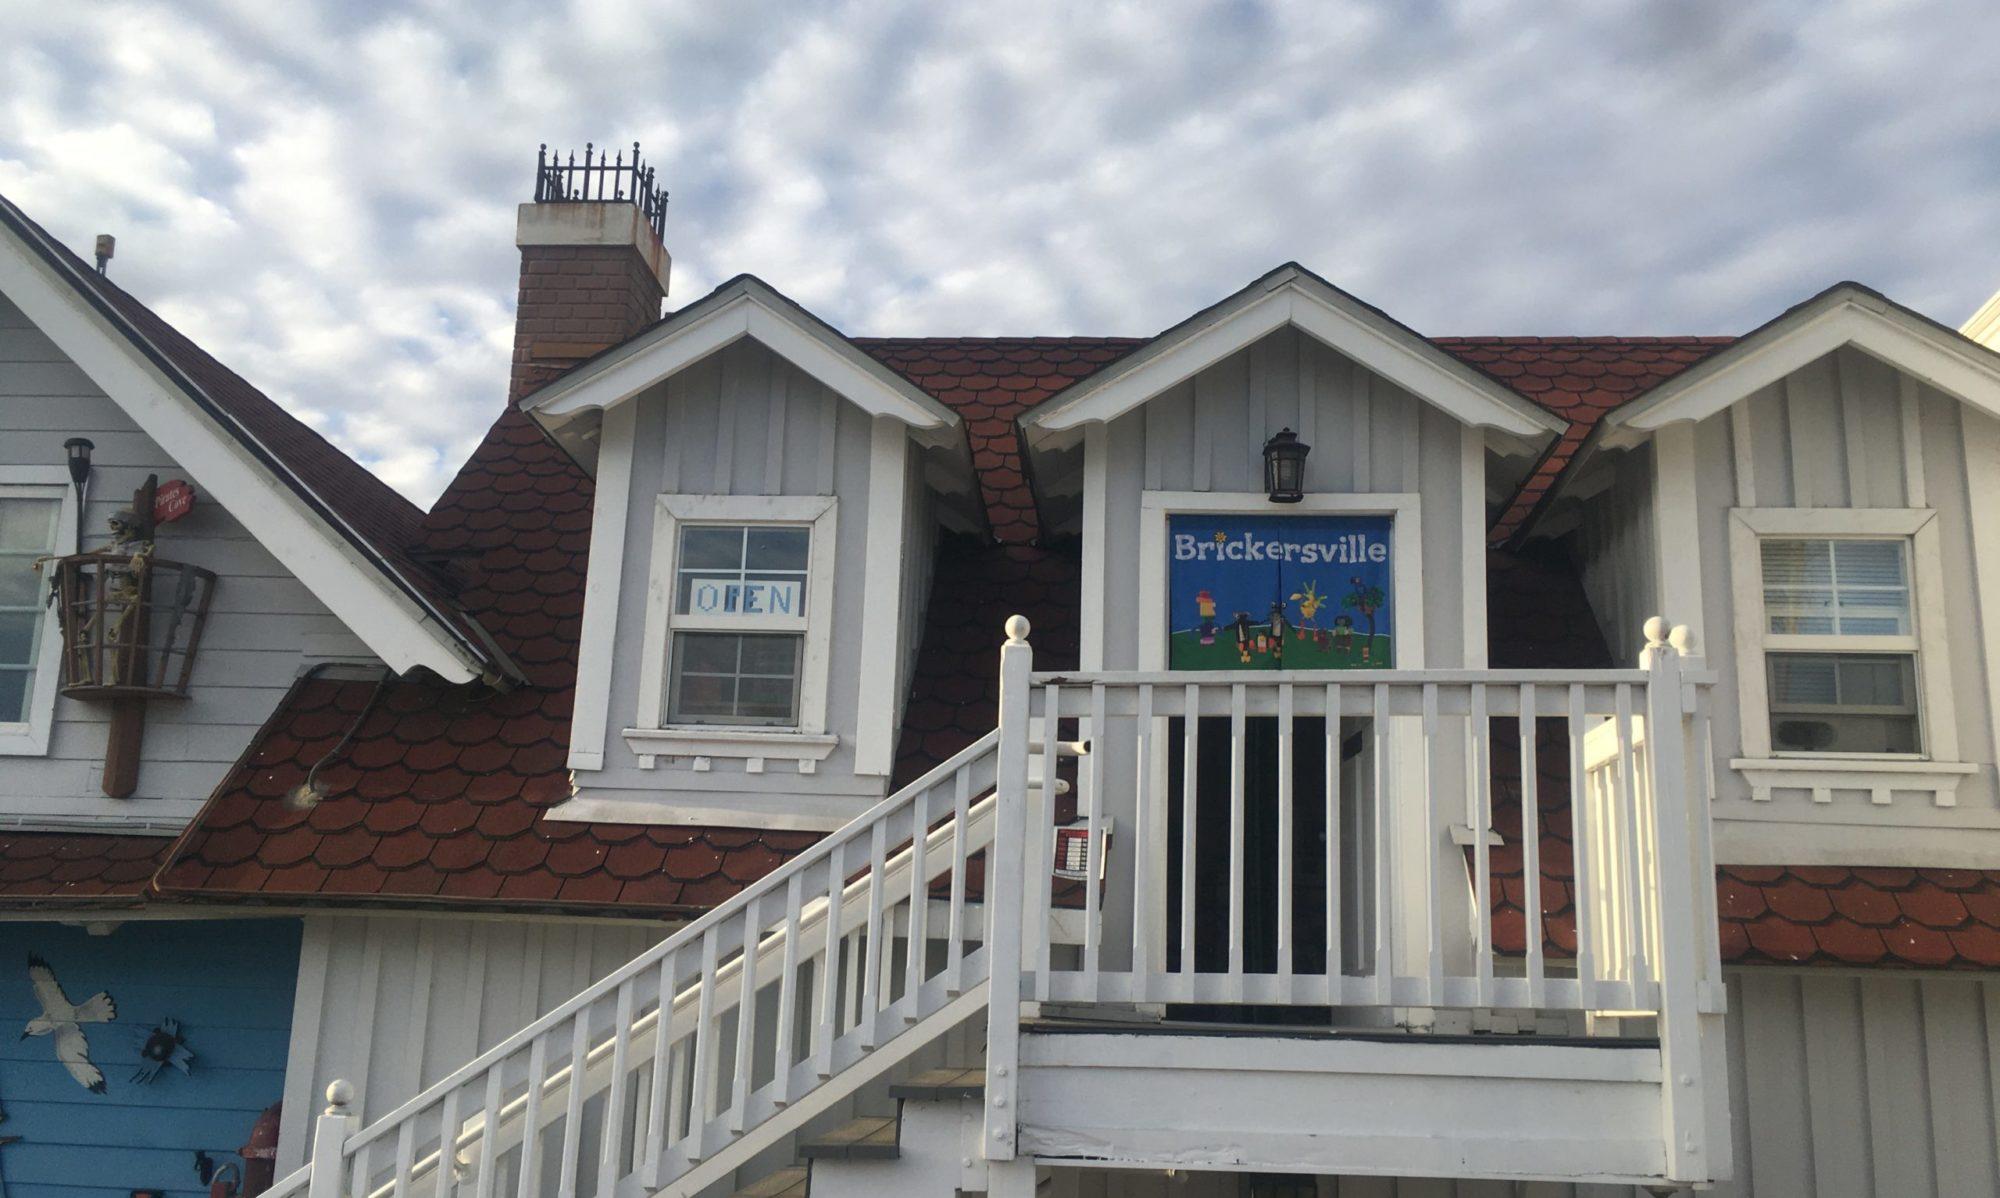 Shoreline Village's Brickersville